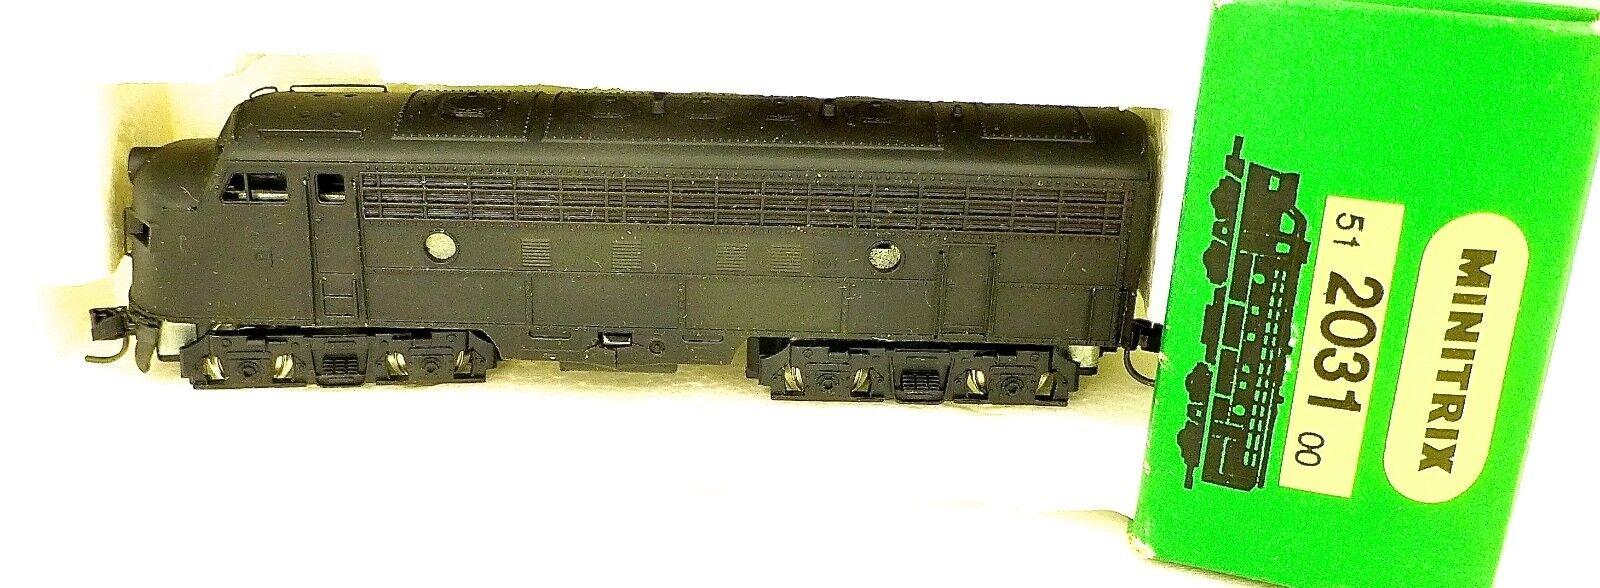 Minitrix 2031 non Décoré black Trix Locomotive Diesel Moteur Hakt N 1 160